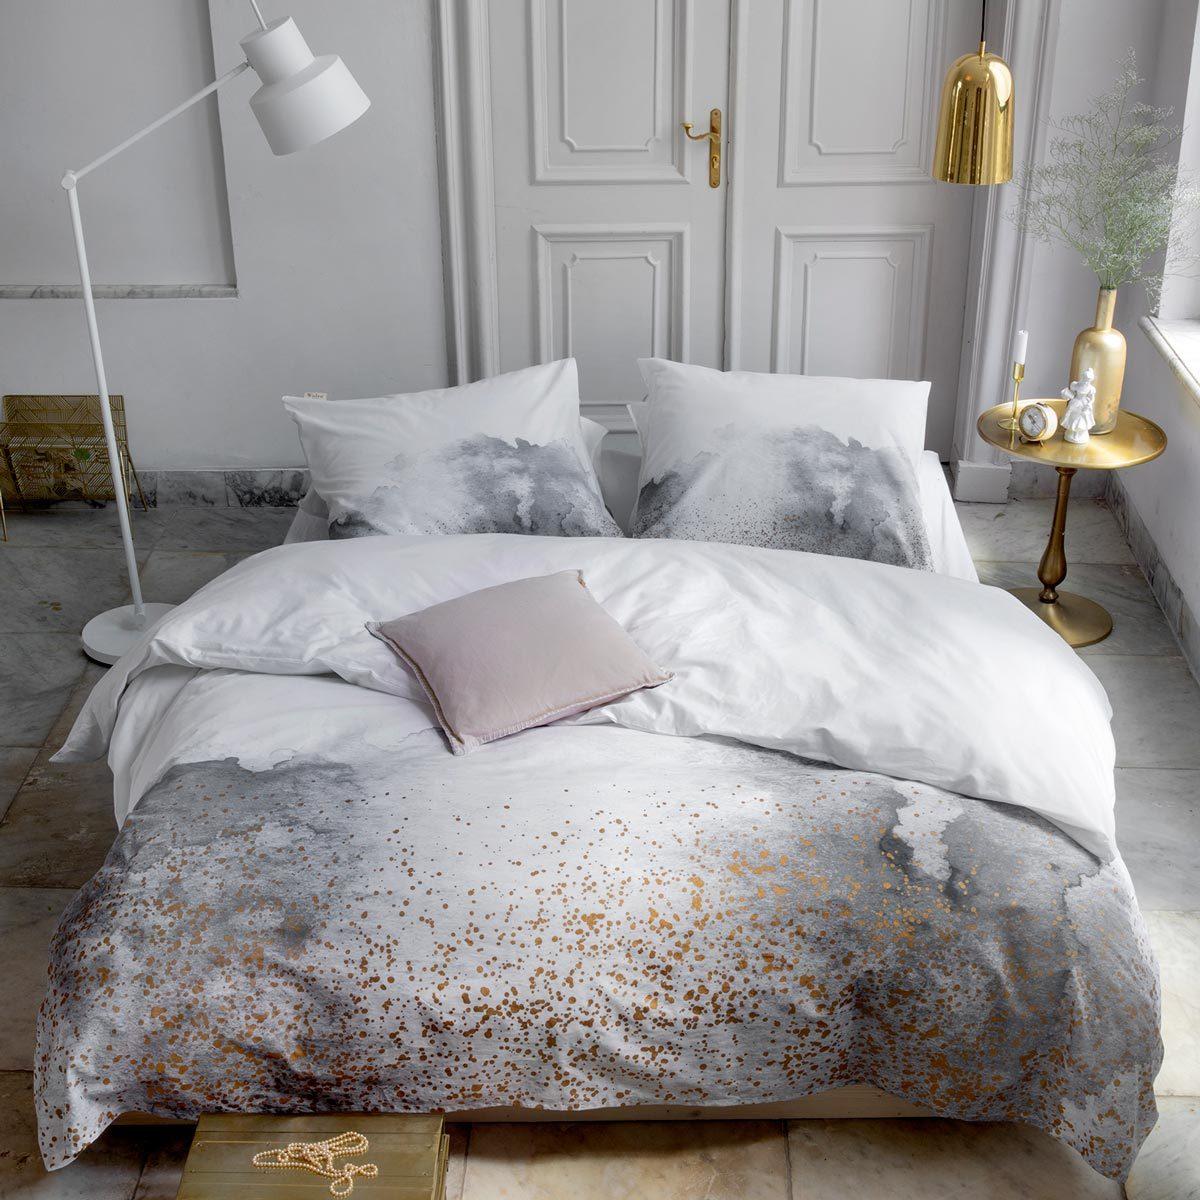 Walra Renforce Bettwäsche Touch Of Gold Weiß Günstig Online Kaufen